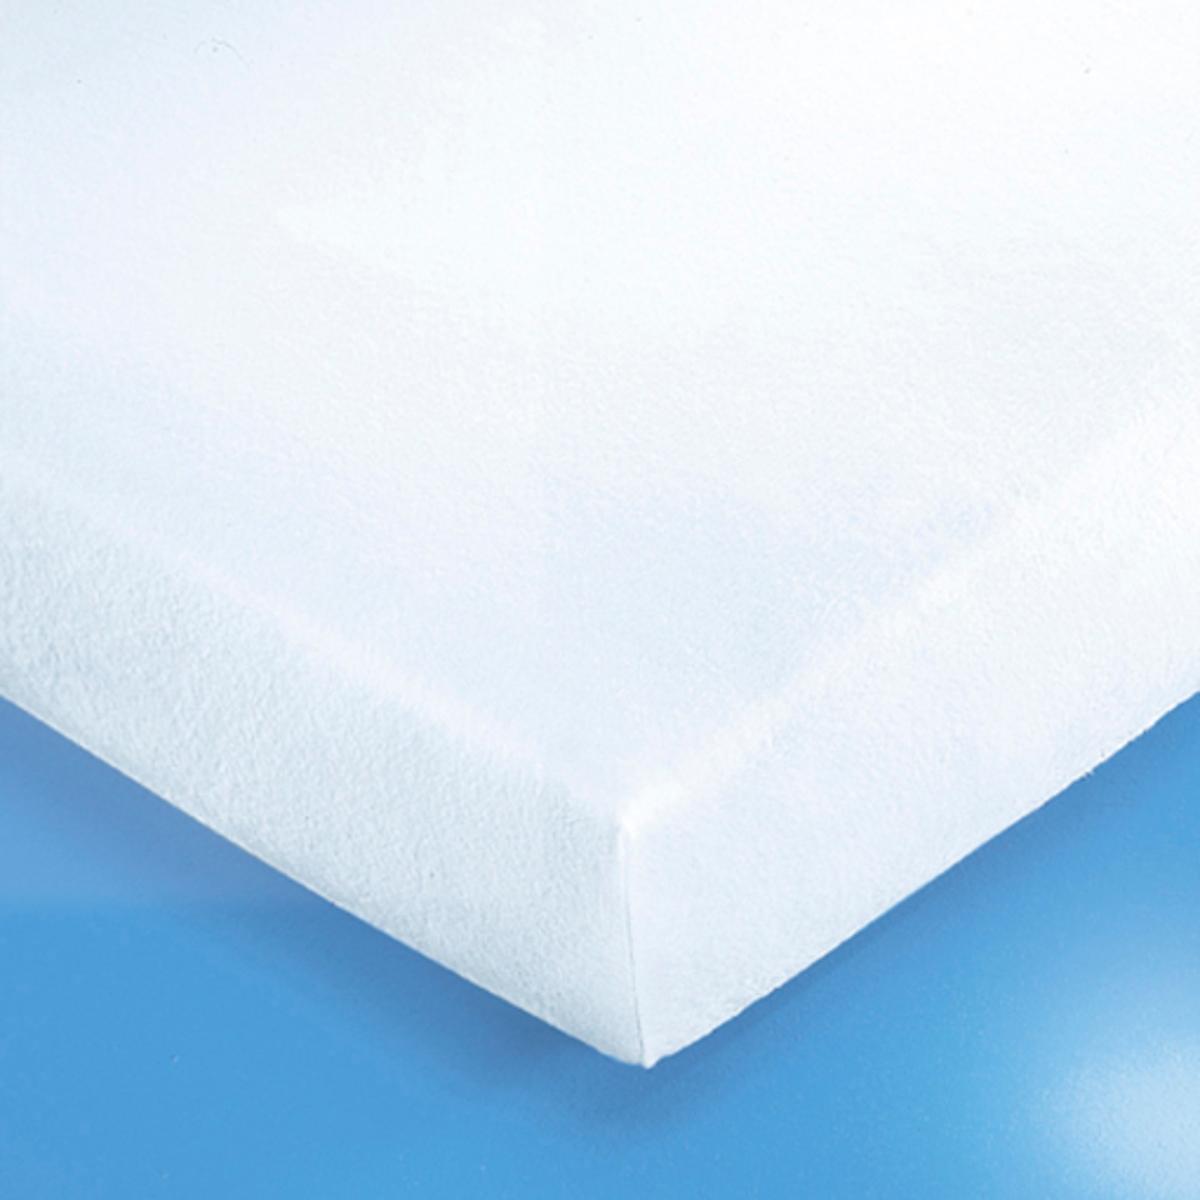 Чехол защитный на матрас натяжной из эластичной махровой ткани с непромокаемой прослойкой из полиуретанаМикро-дышащий и антибактериальный защитный чехол в виде натяжной простыни из эластичной махровой ткани букле, эластичный хлопок с непромокаемой полиуретановой прослойкой. 100% экологически чистый материал.3 размера для детской кроватки (40 x 80, 60 x 120 и 60 x 140 см).Эластичные клапаны для матрасов толщиной до 25 см.Машинная стирка при 60 °С. Изделие с биоцидной обработкой. Качество VALEUR S?RE.<br><br>Цвет: белый